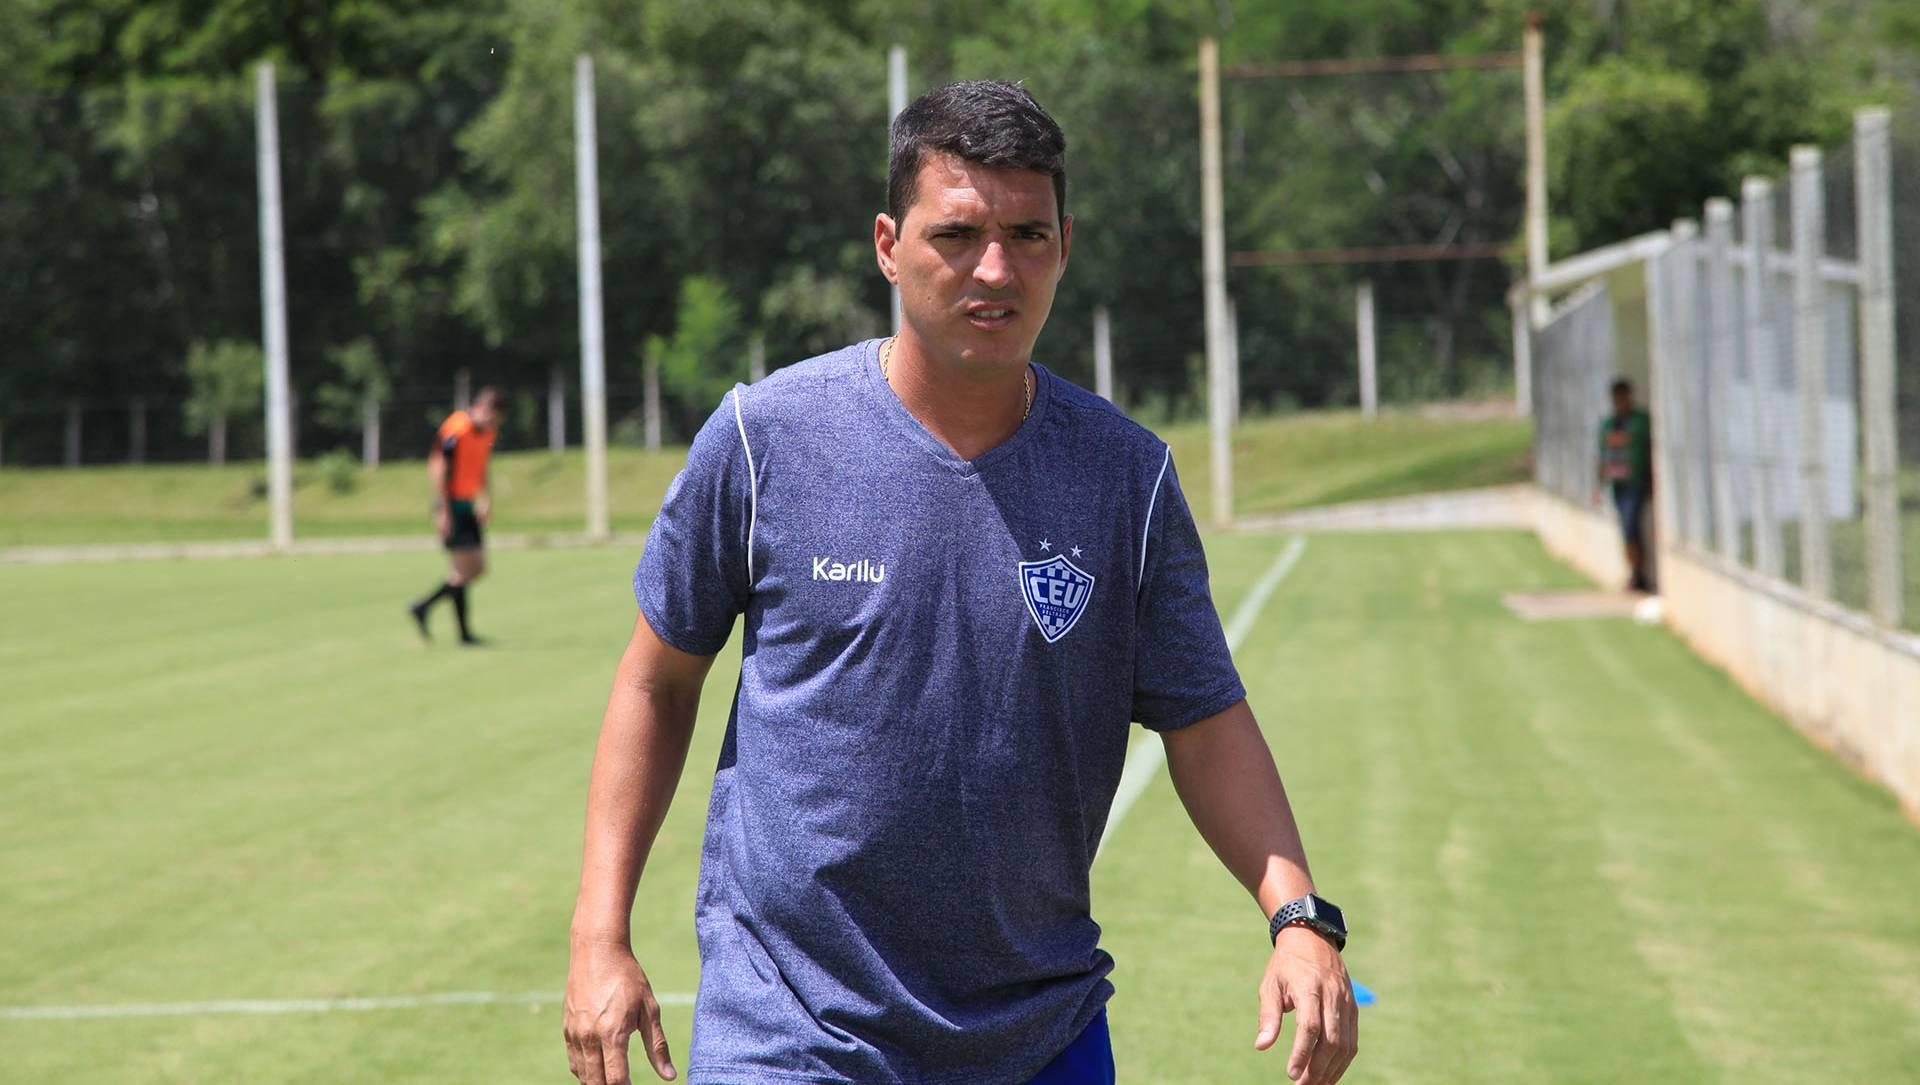 Técnico Raphael Bahia comandará o União Beltrão no Paranaense. Foto: Divulgação/União